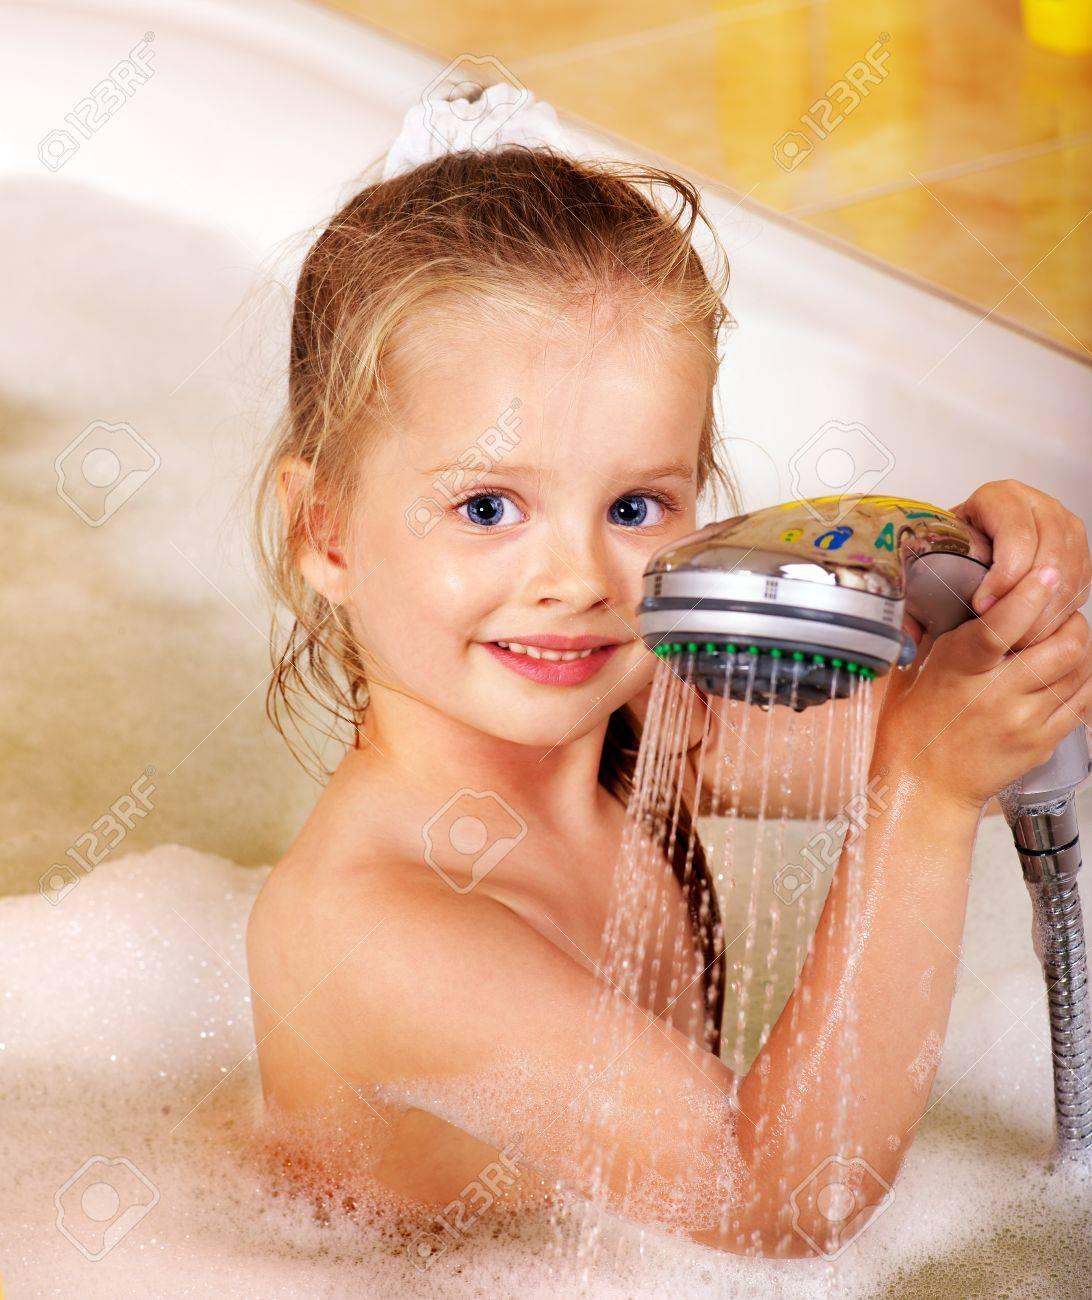 Смотреть девочки моются в бане 6 фотография